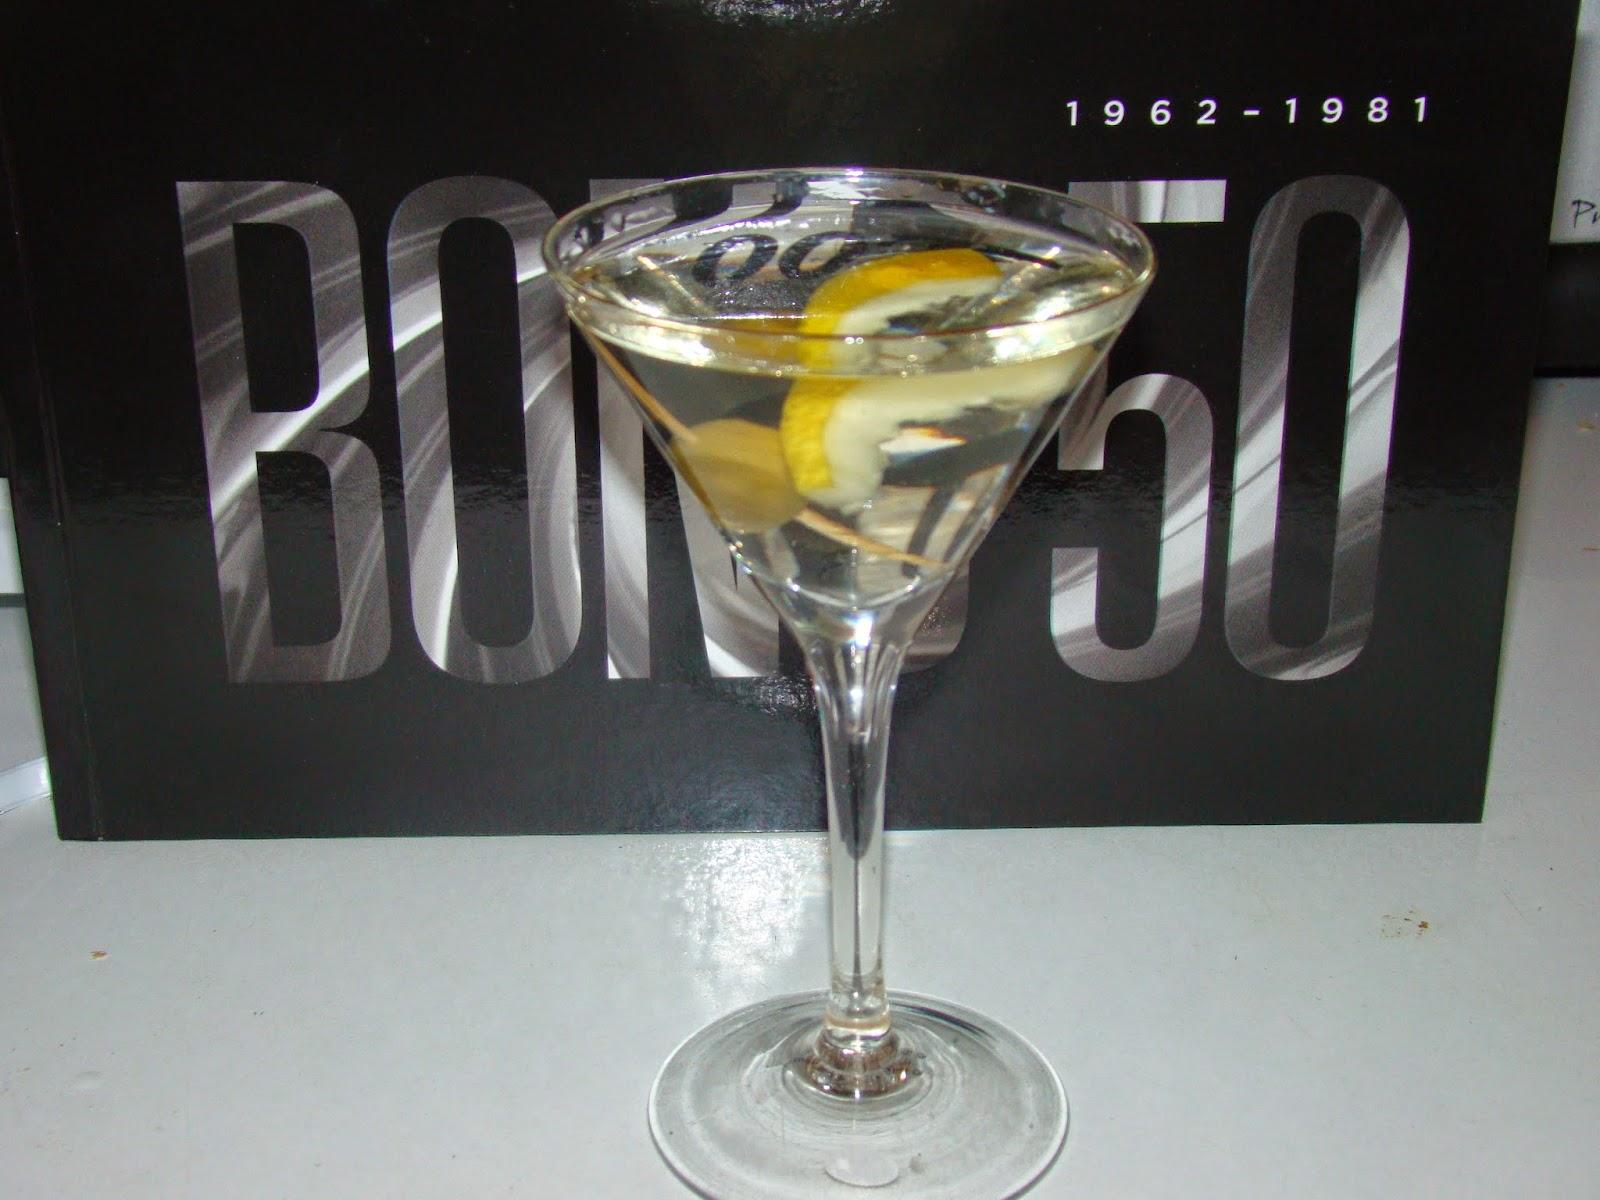 007 travelers 007 drink vodka martini for Vodka martini